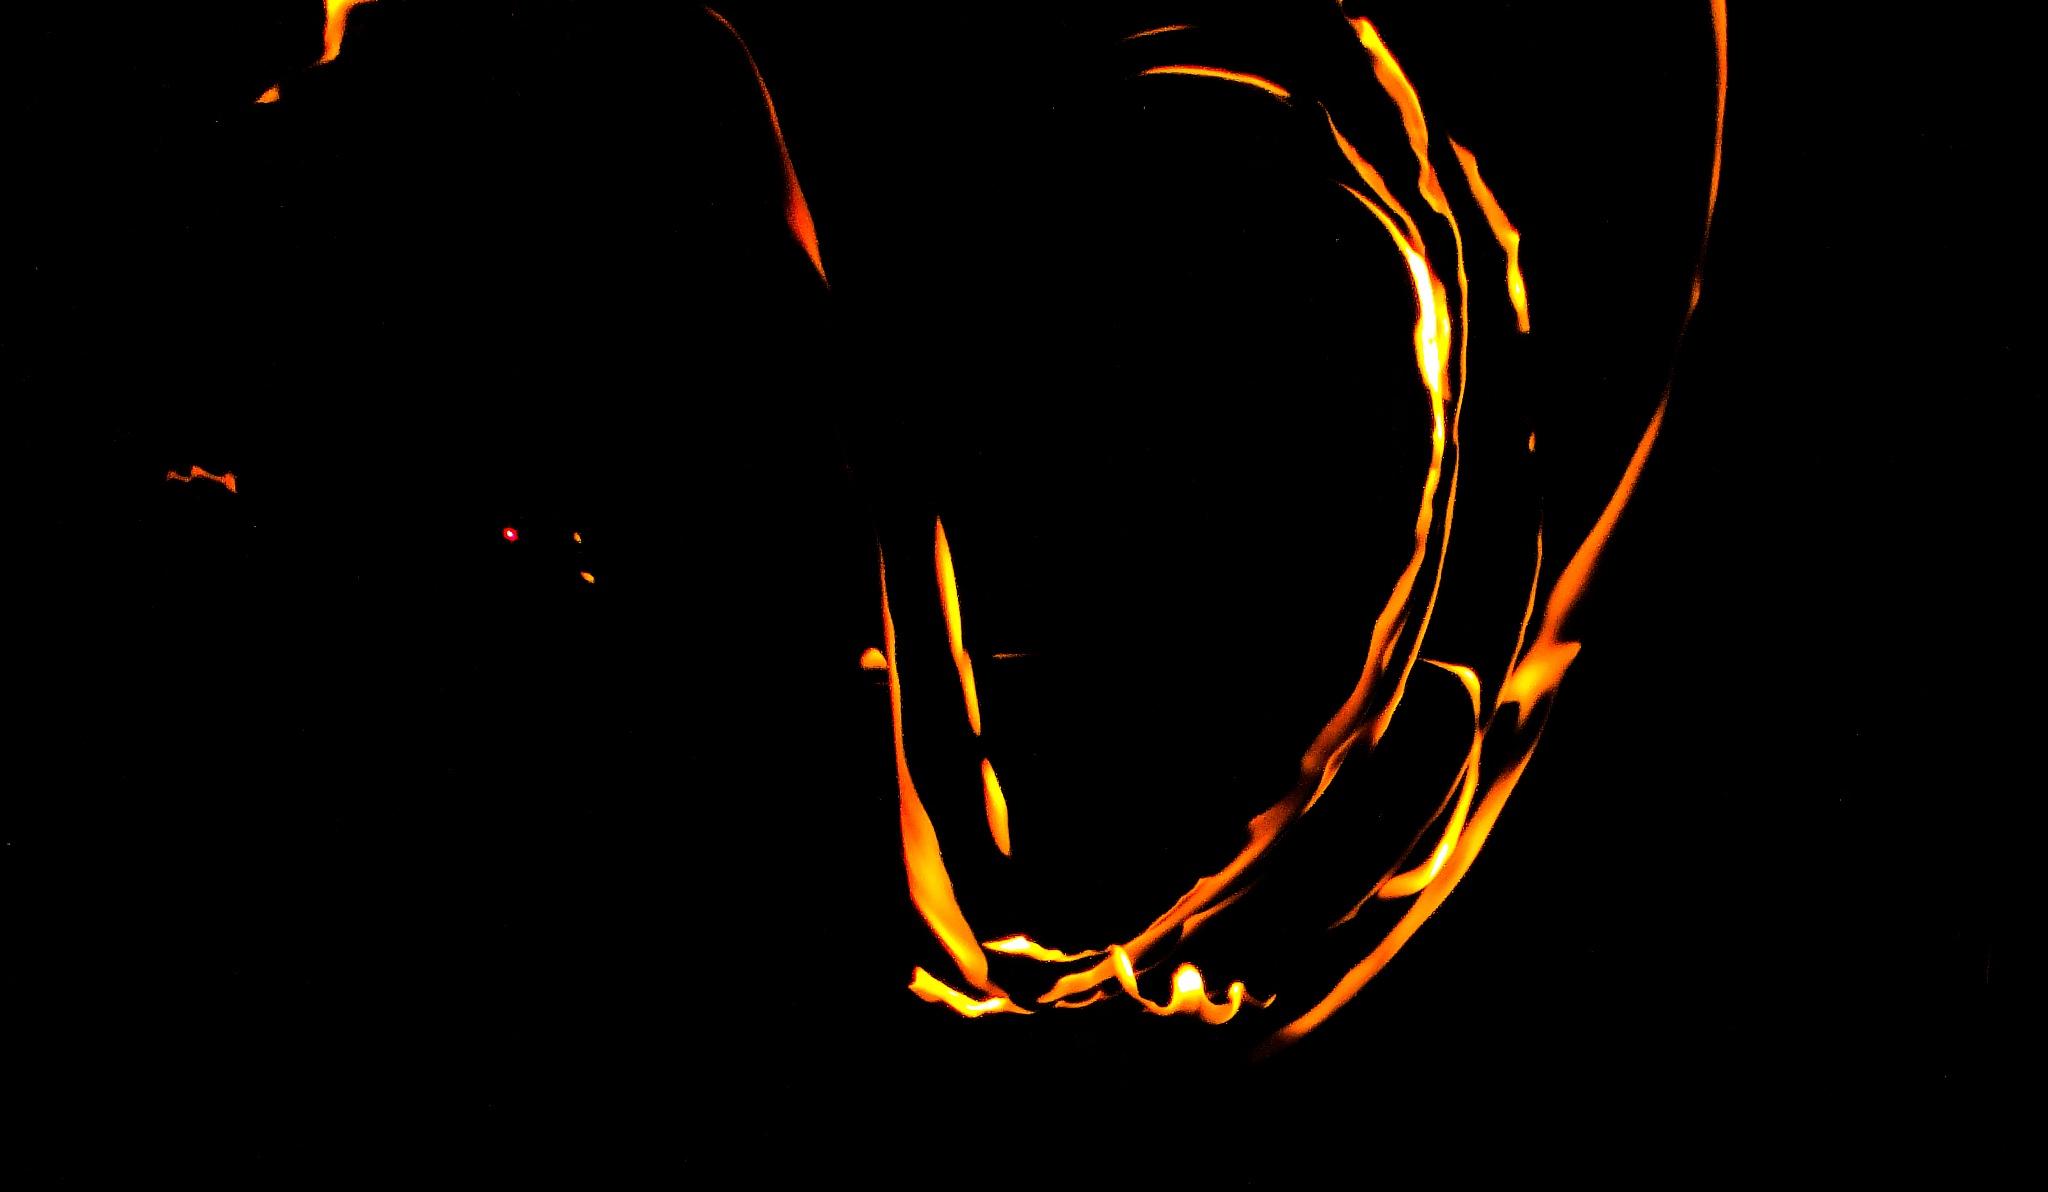 Fire Dance by Sondriva